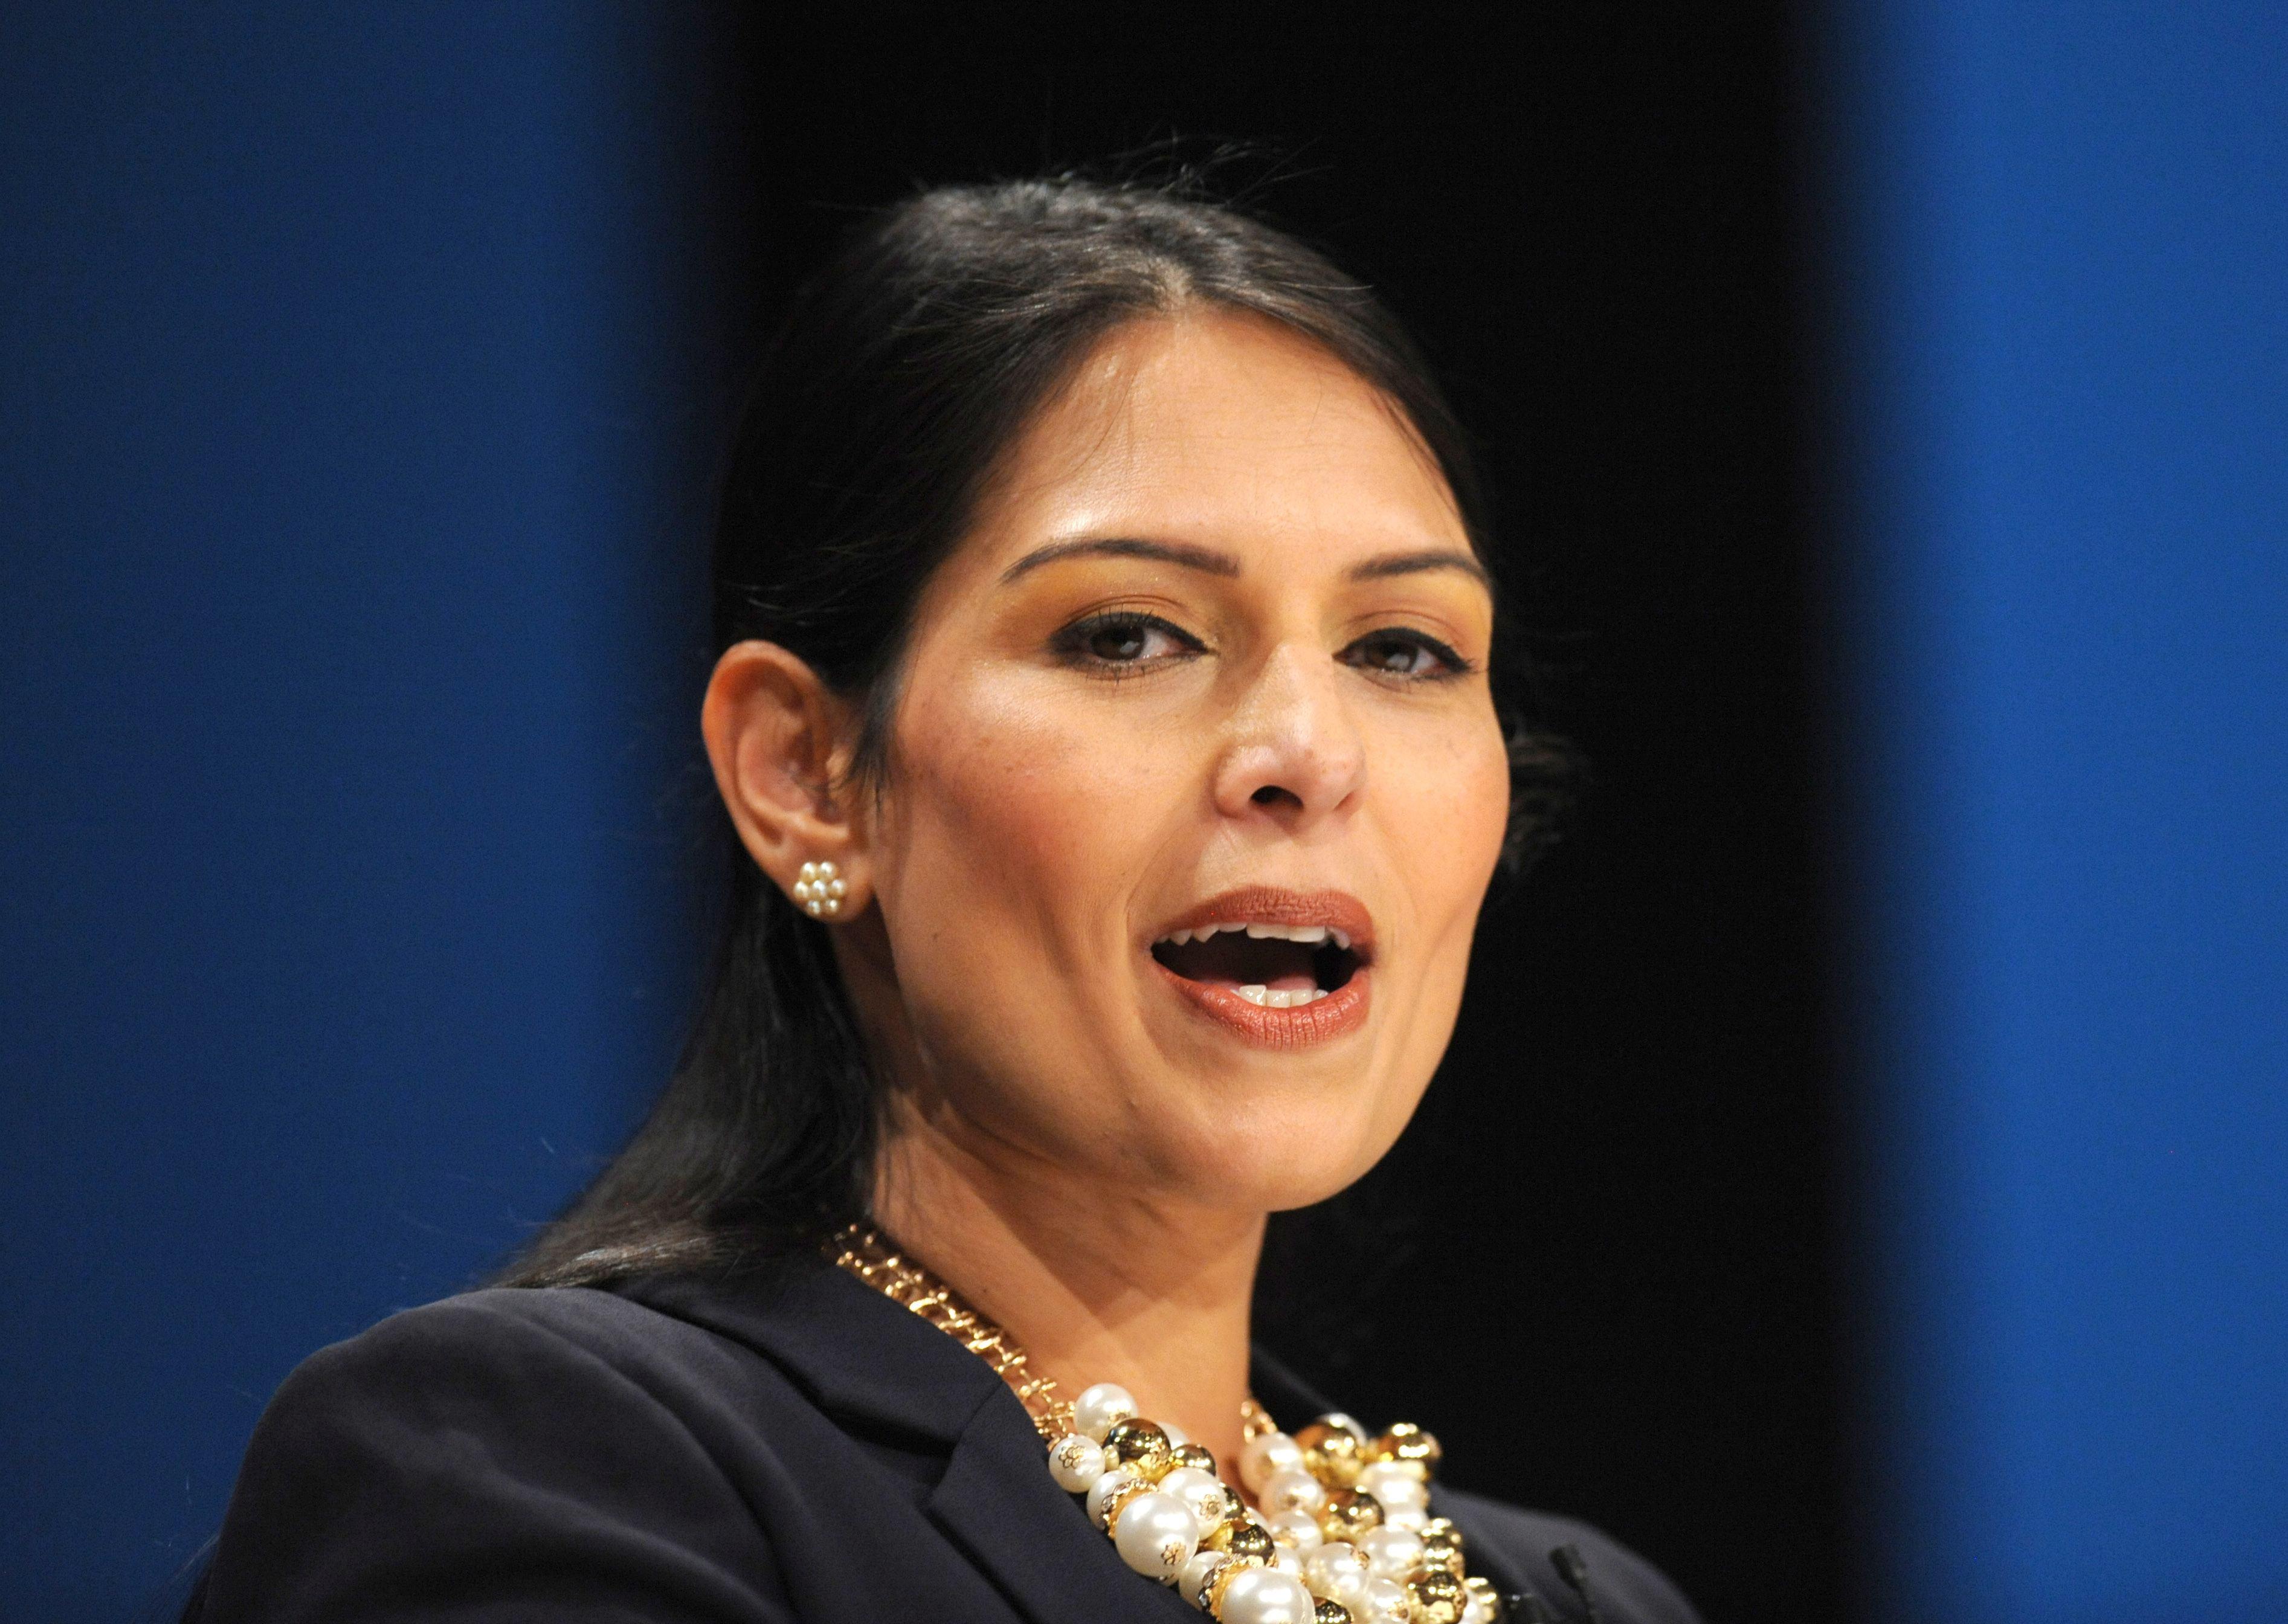 O nouă demisie în vârful Guvernului Marii Britanii. Cu cine a avut Priti Patel întâlniri neautorizate